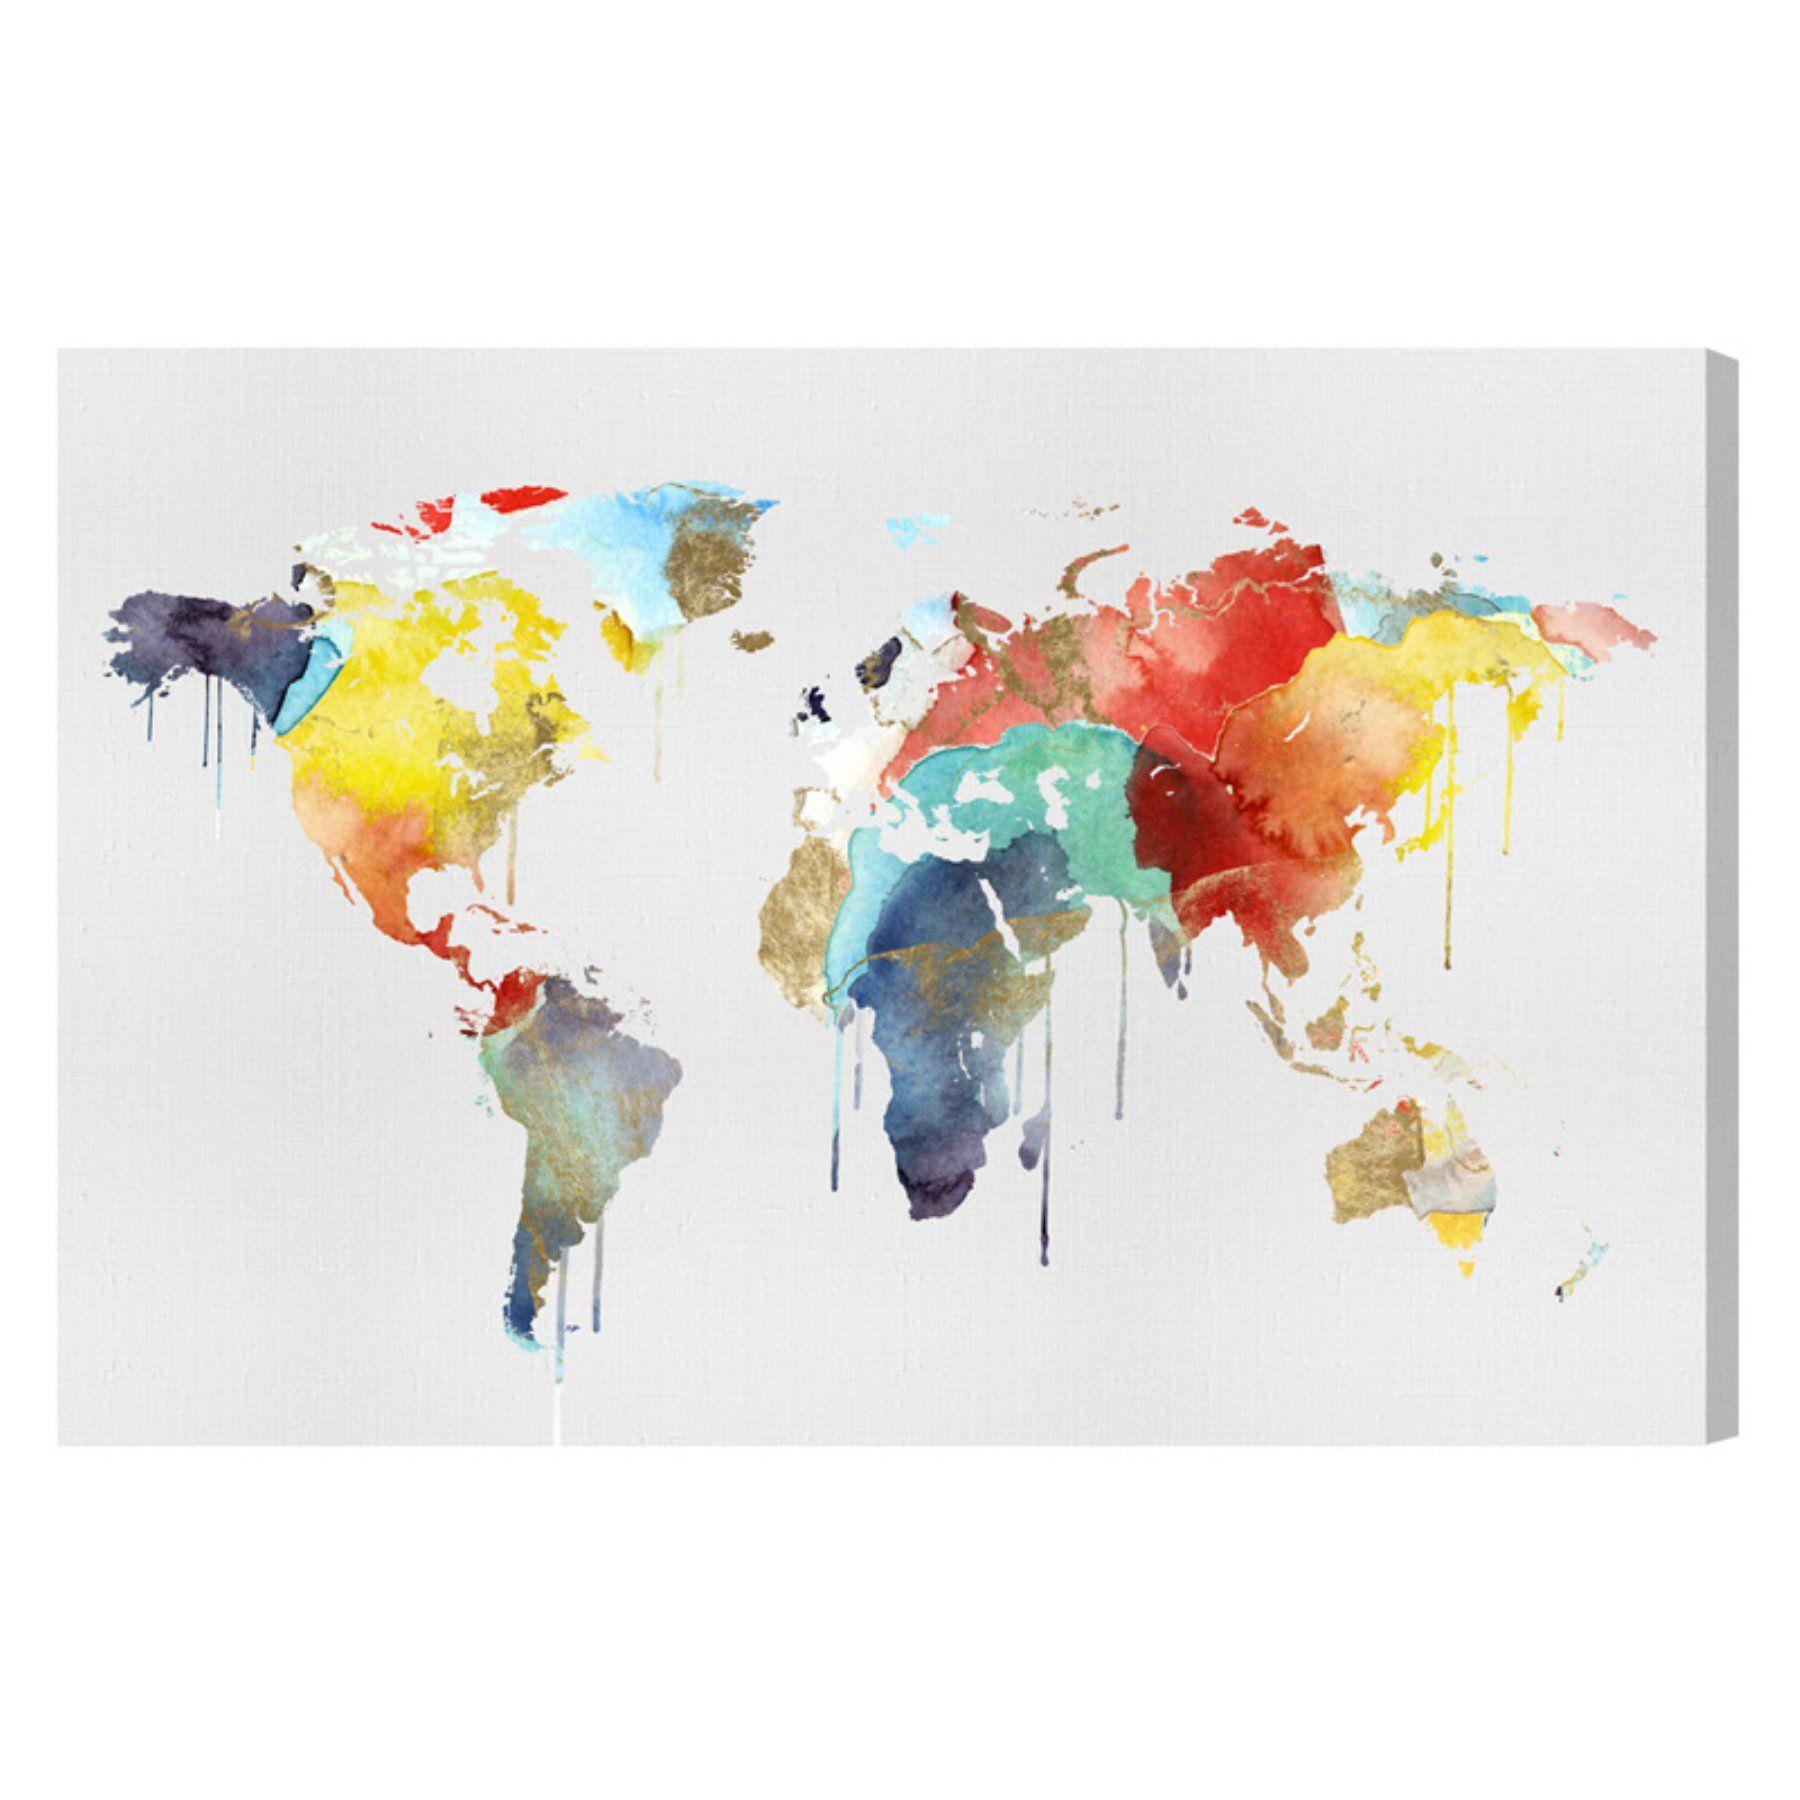 Oliver gal mapamundi watercolor canvas wall art 17148 24x16 canv xhd